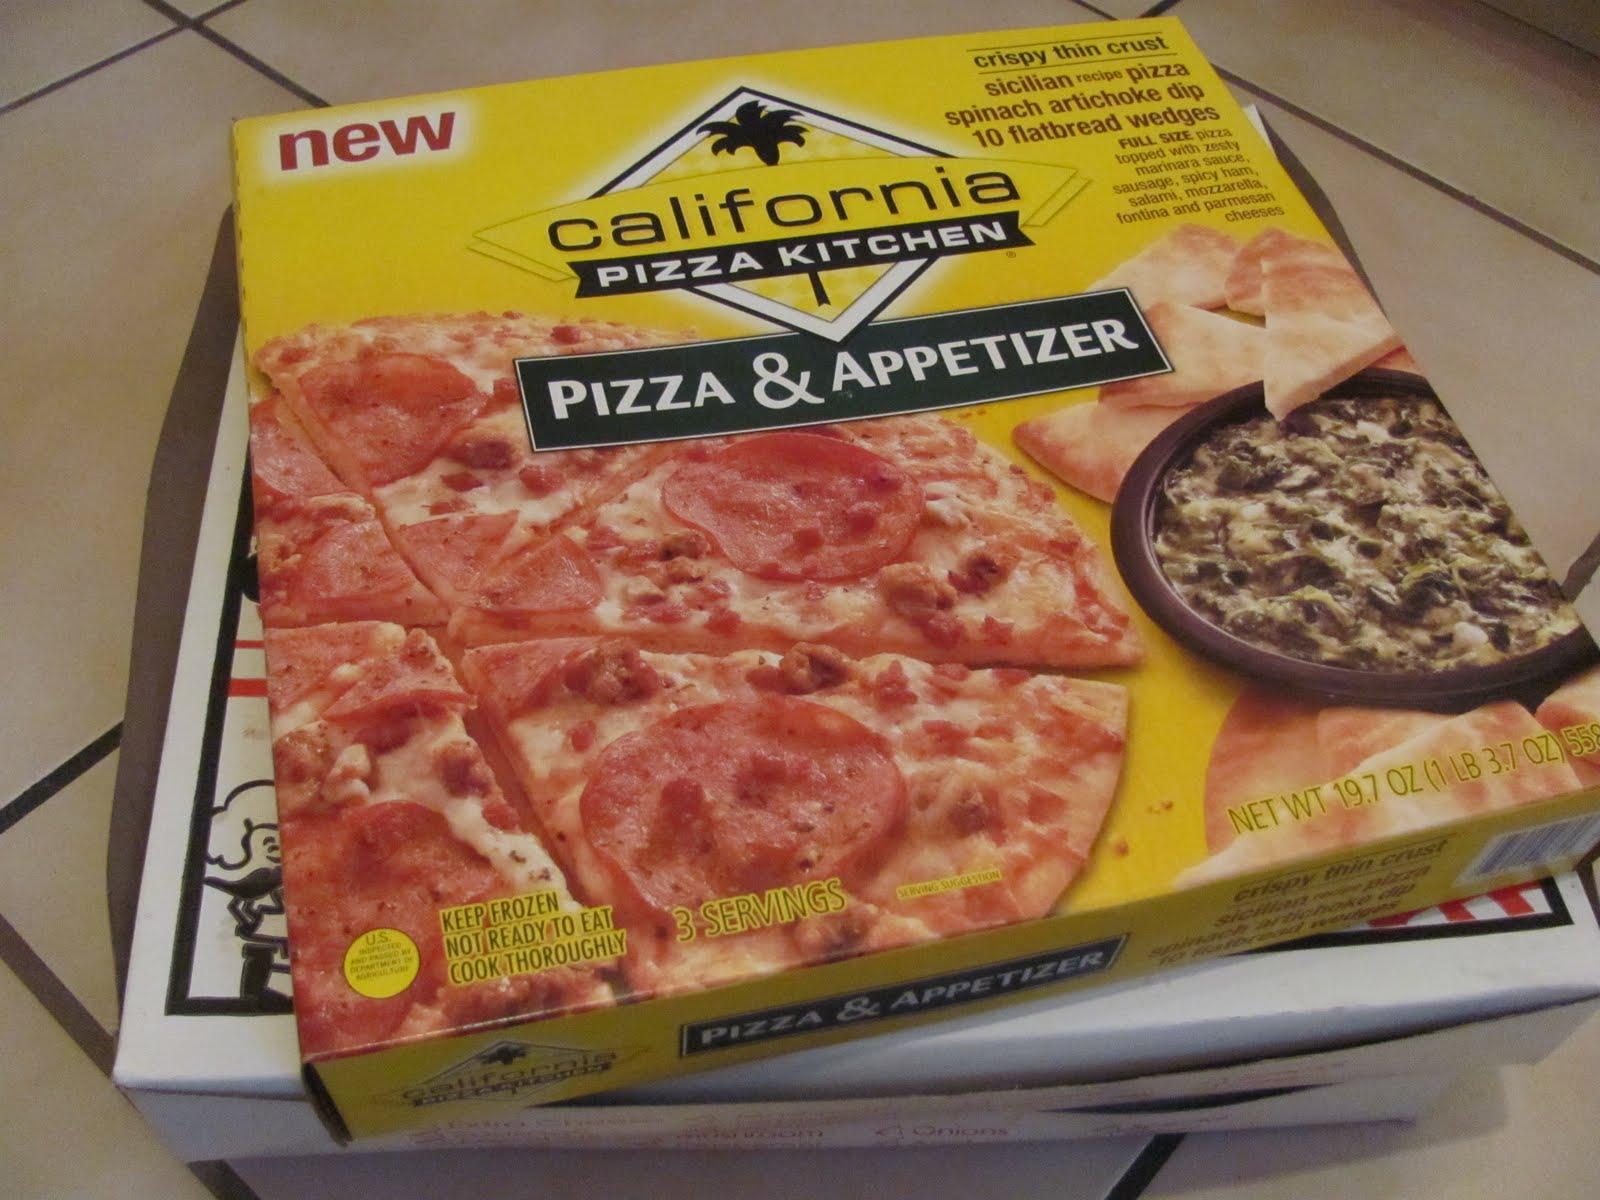 California Pizza Kitchen Pizza and Appetizer: Sicilian Pizza and ...